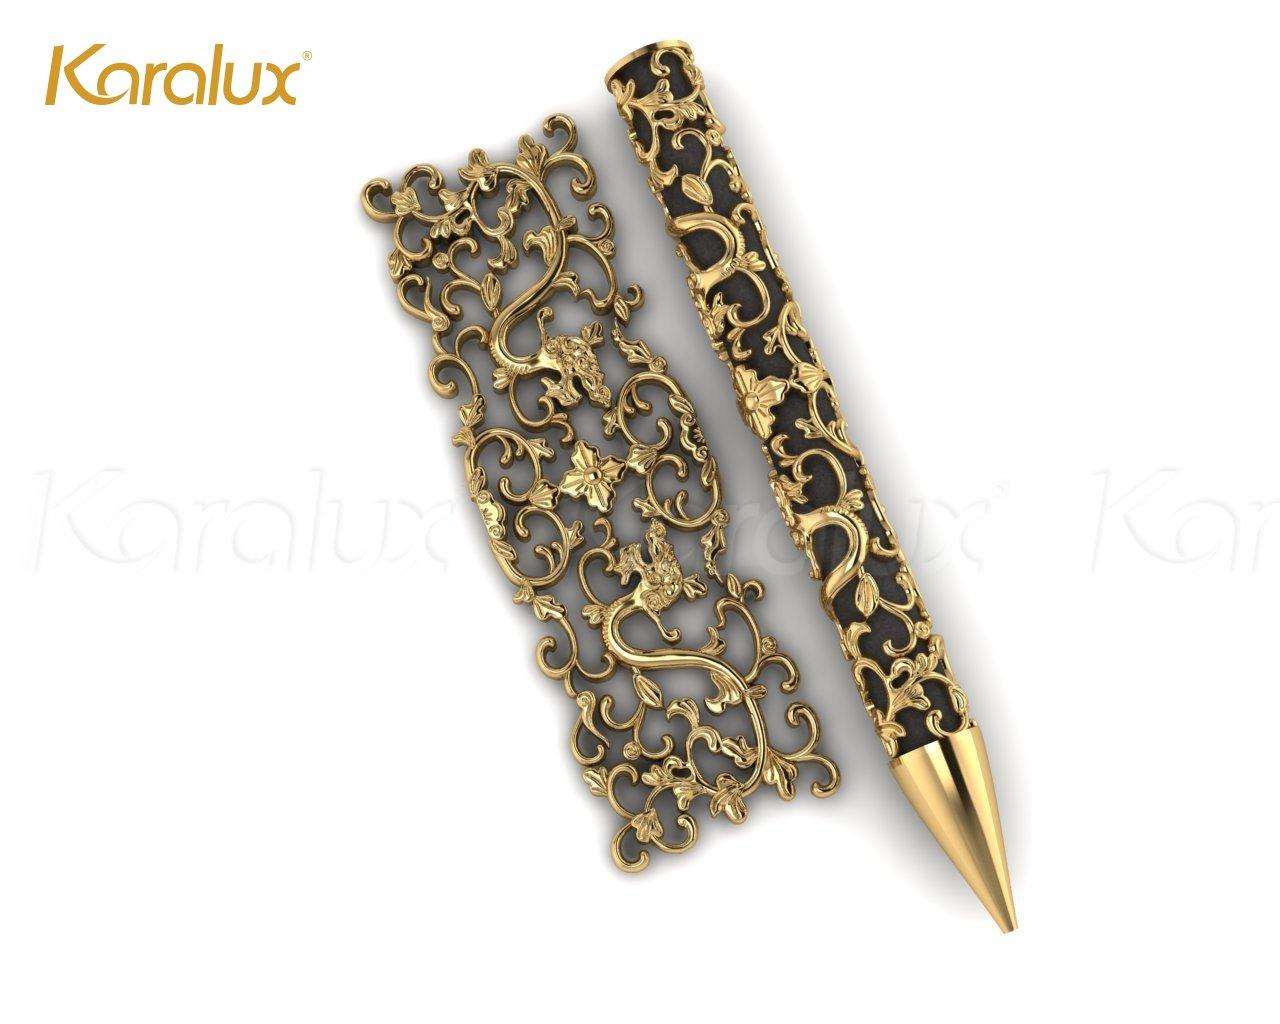 Mẫu thiết kế demo được đội ngũ thiết kế Karalux thực hiện trước khi sản xuất